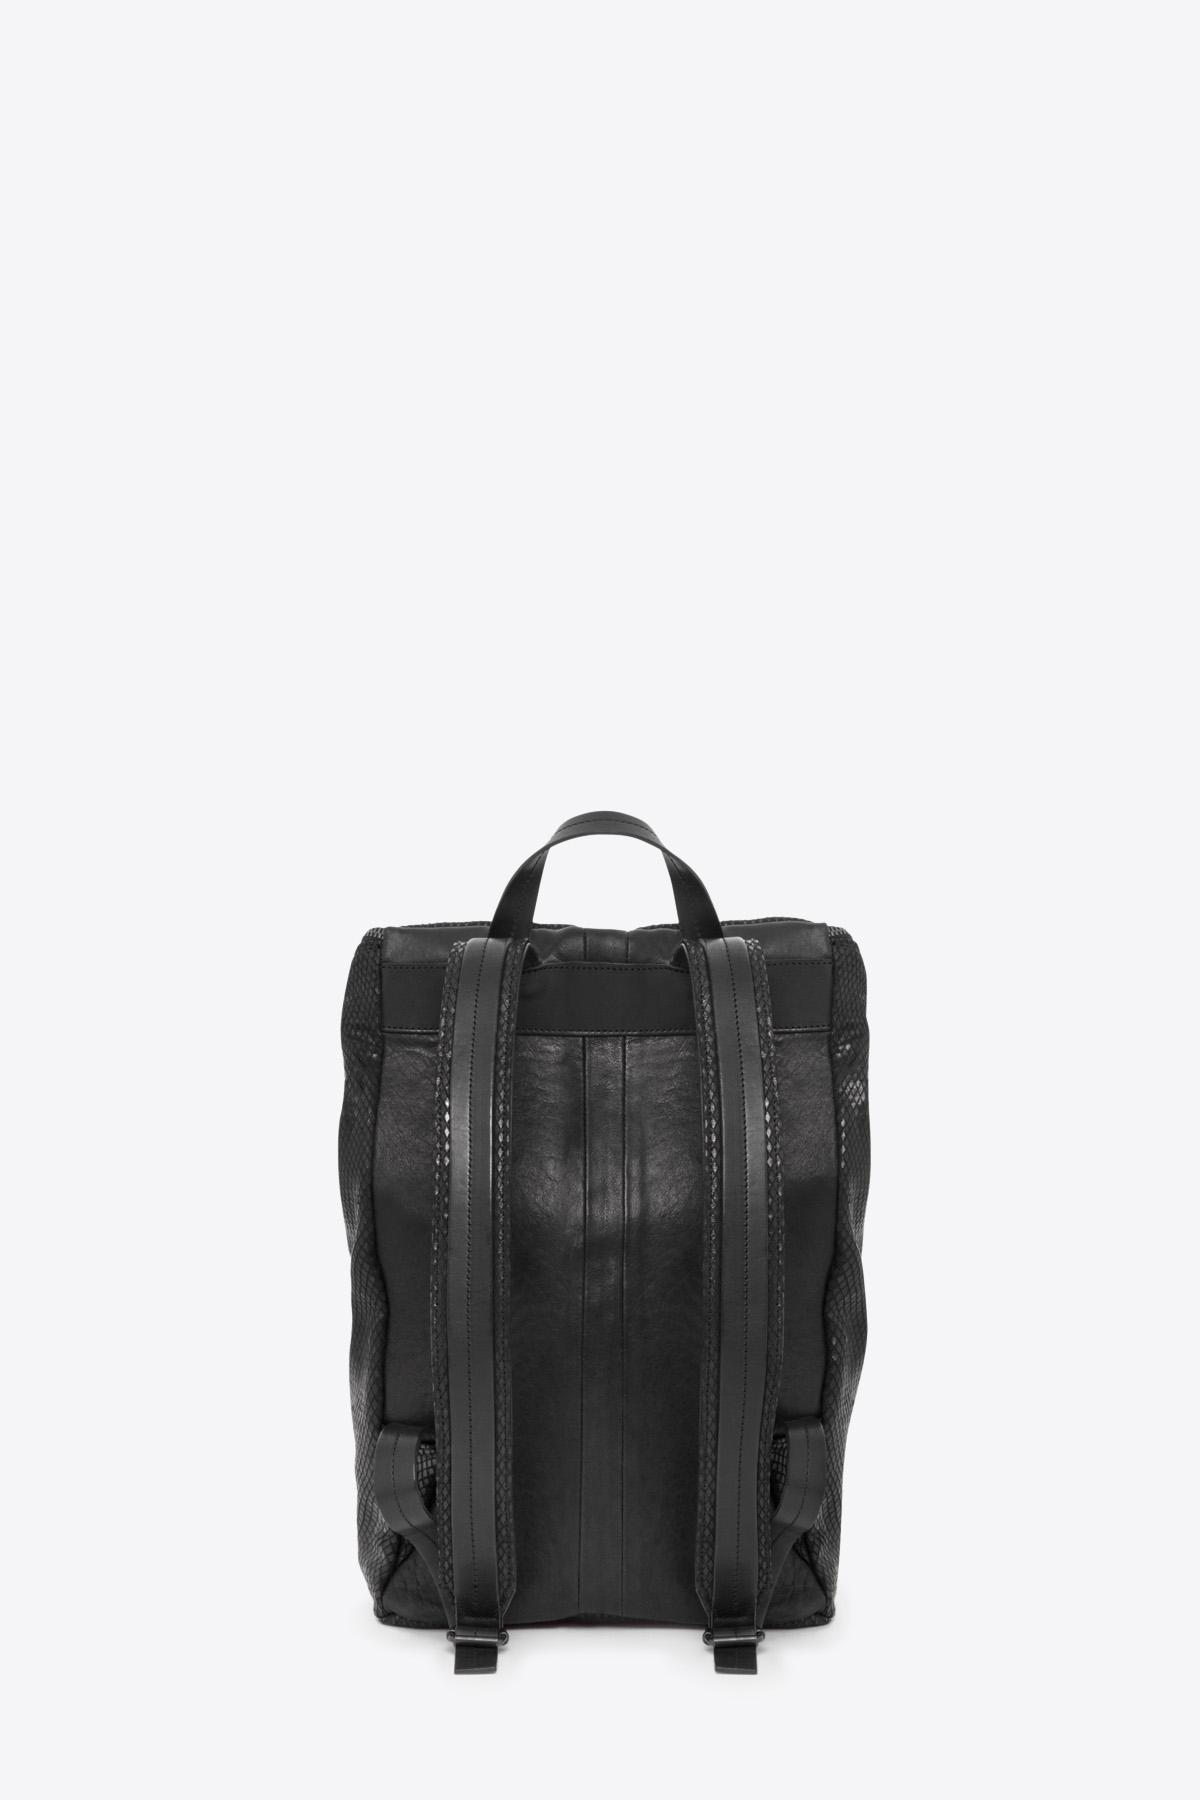 dclr011-backpack-a23-backsnakeblack-back